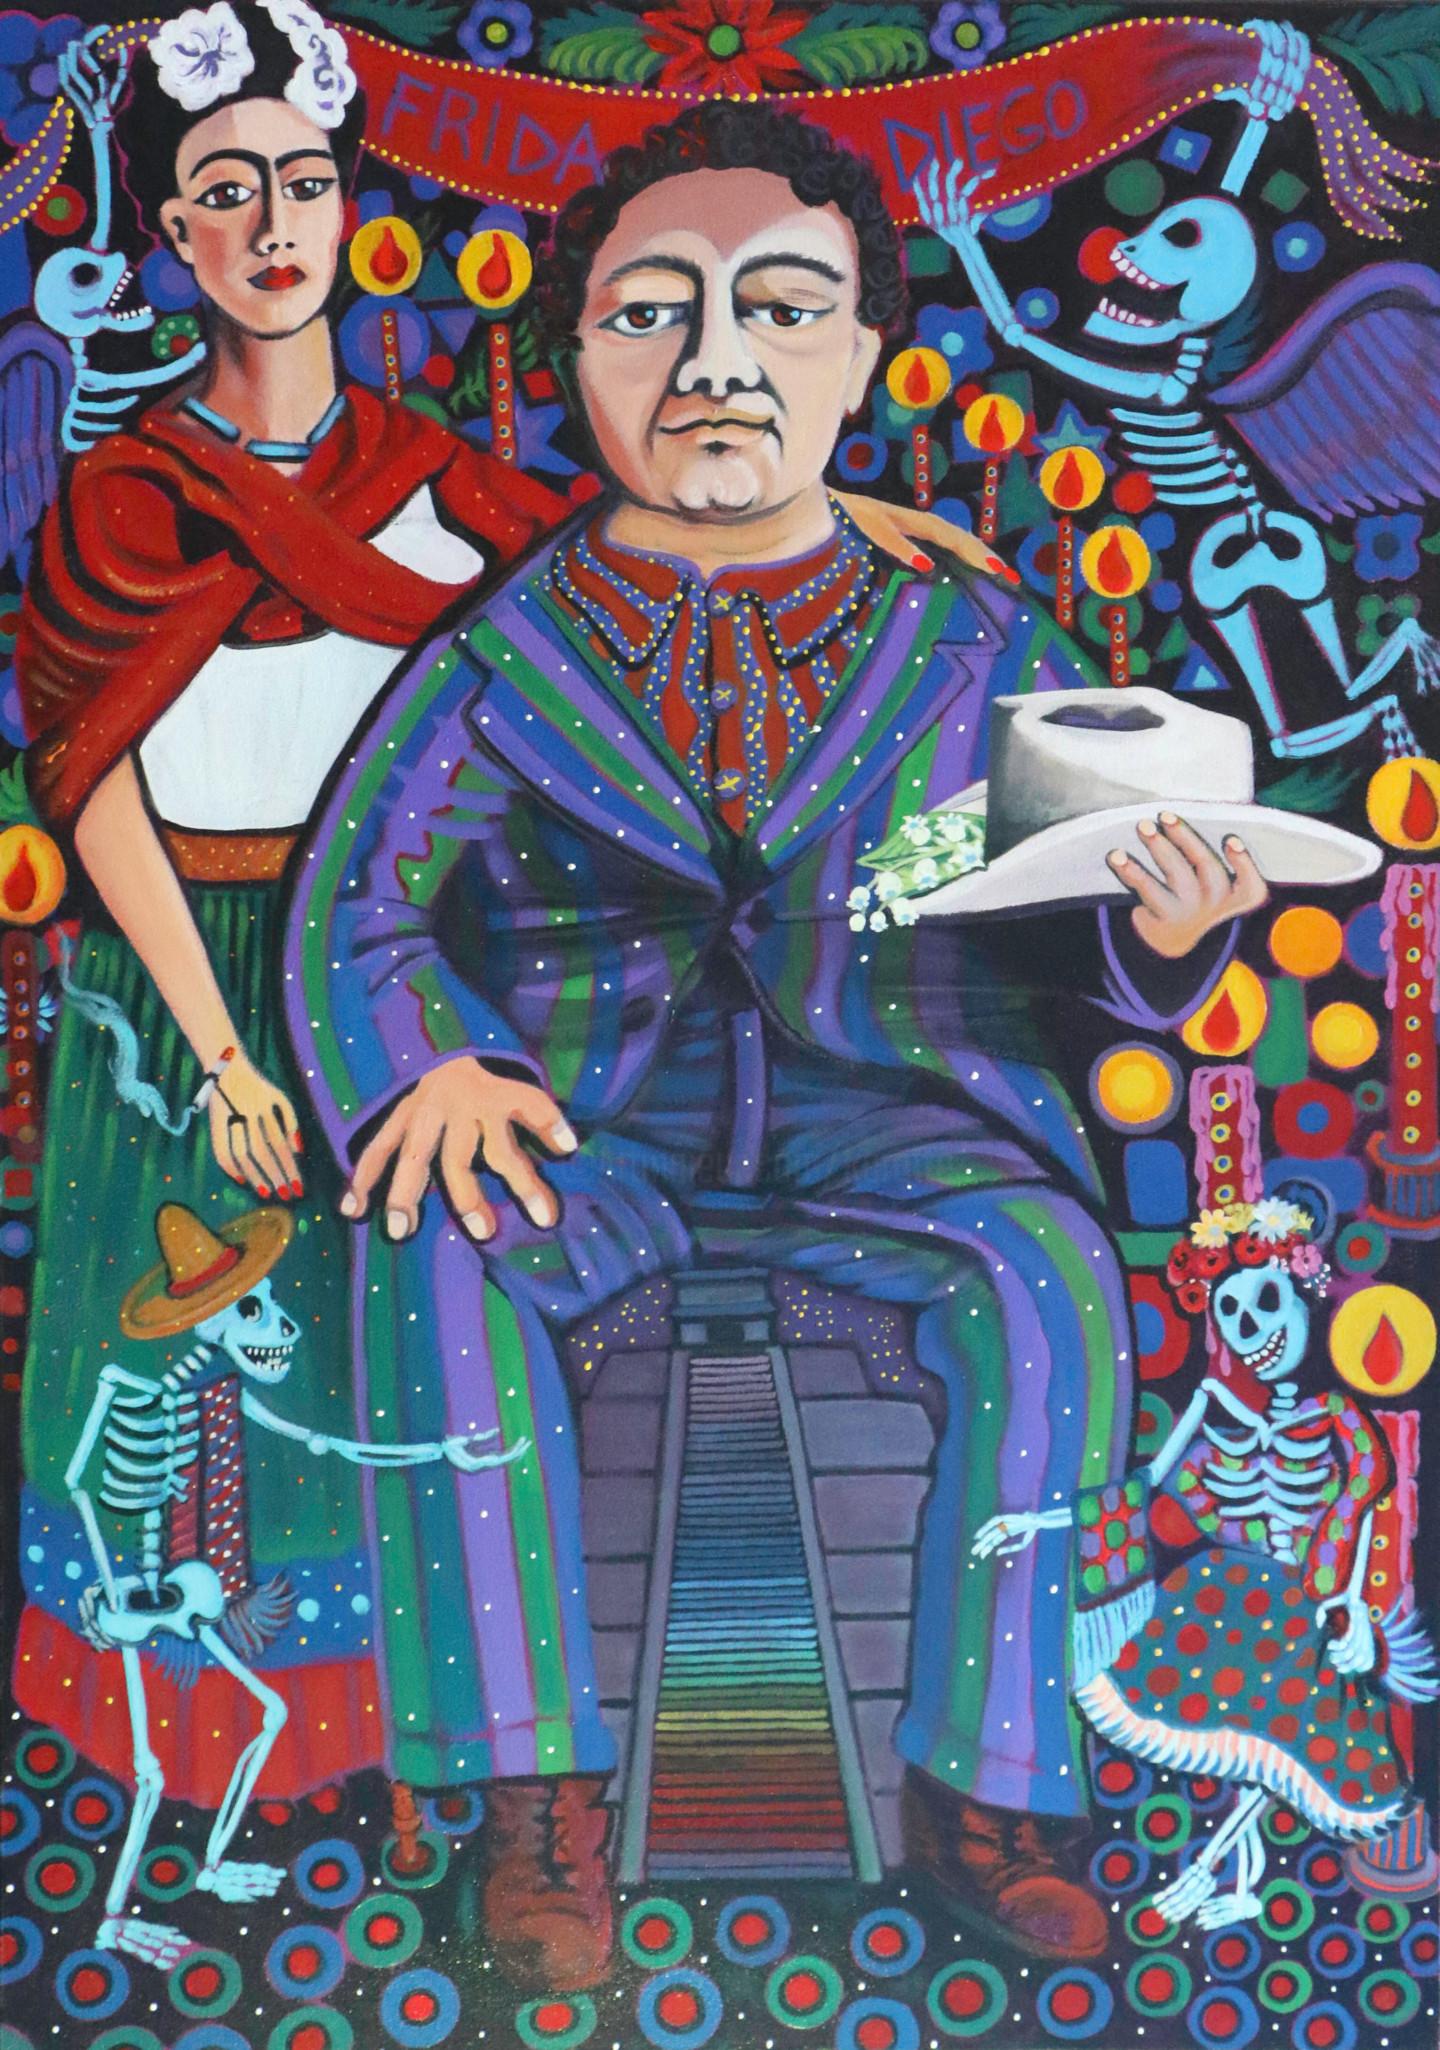 Karotte - Frida et Diego: les militants